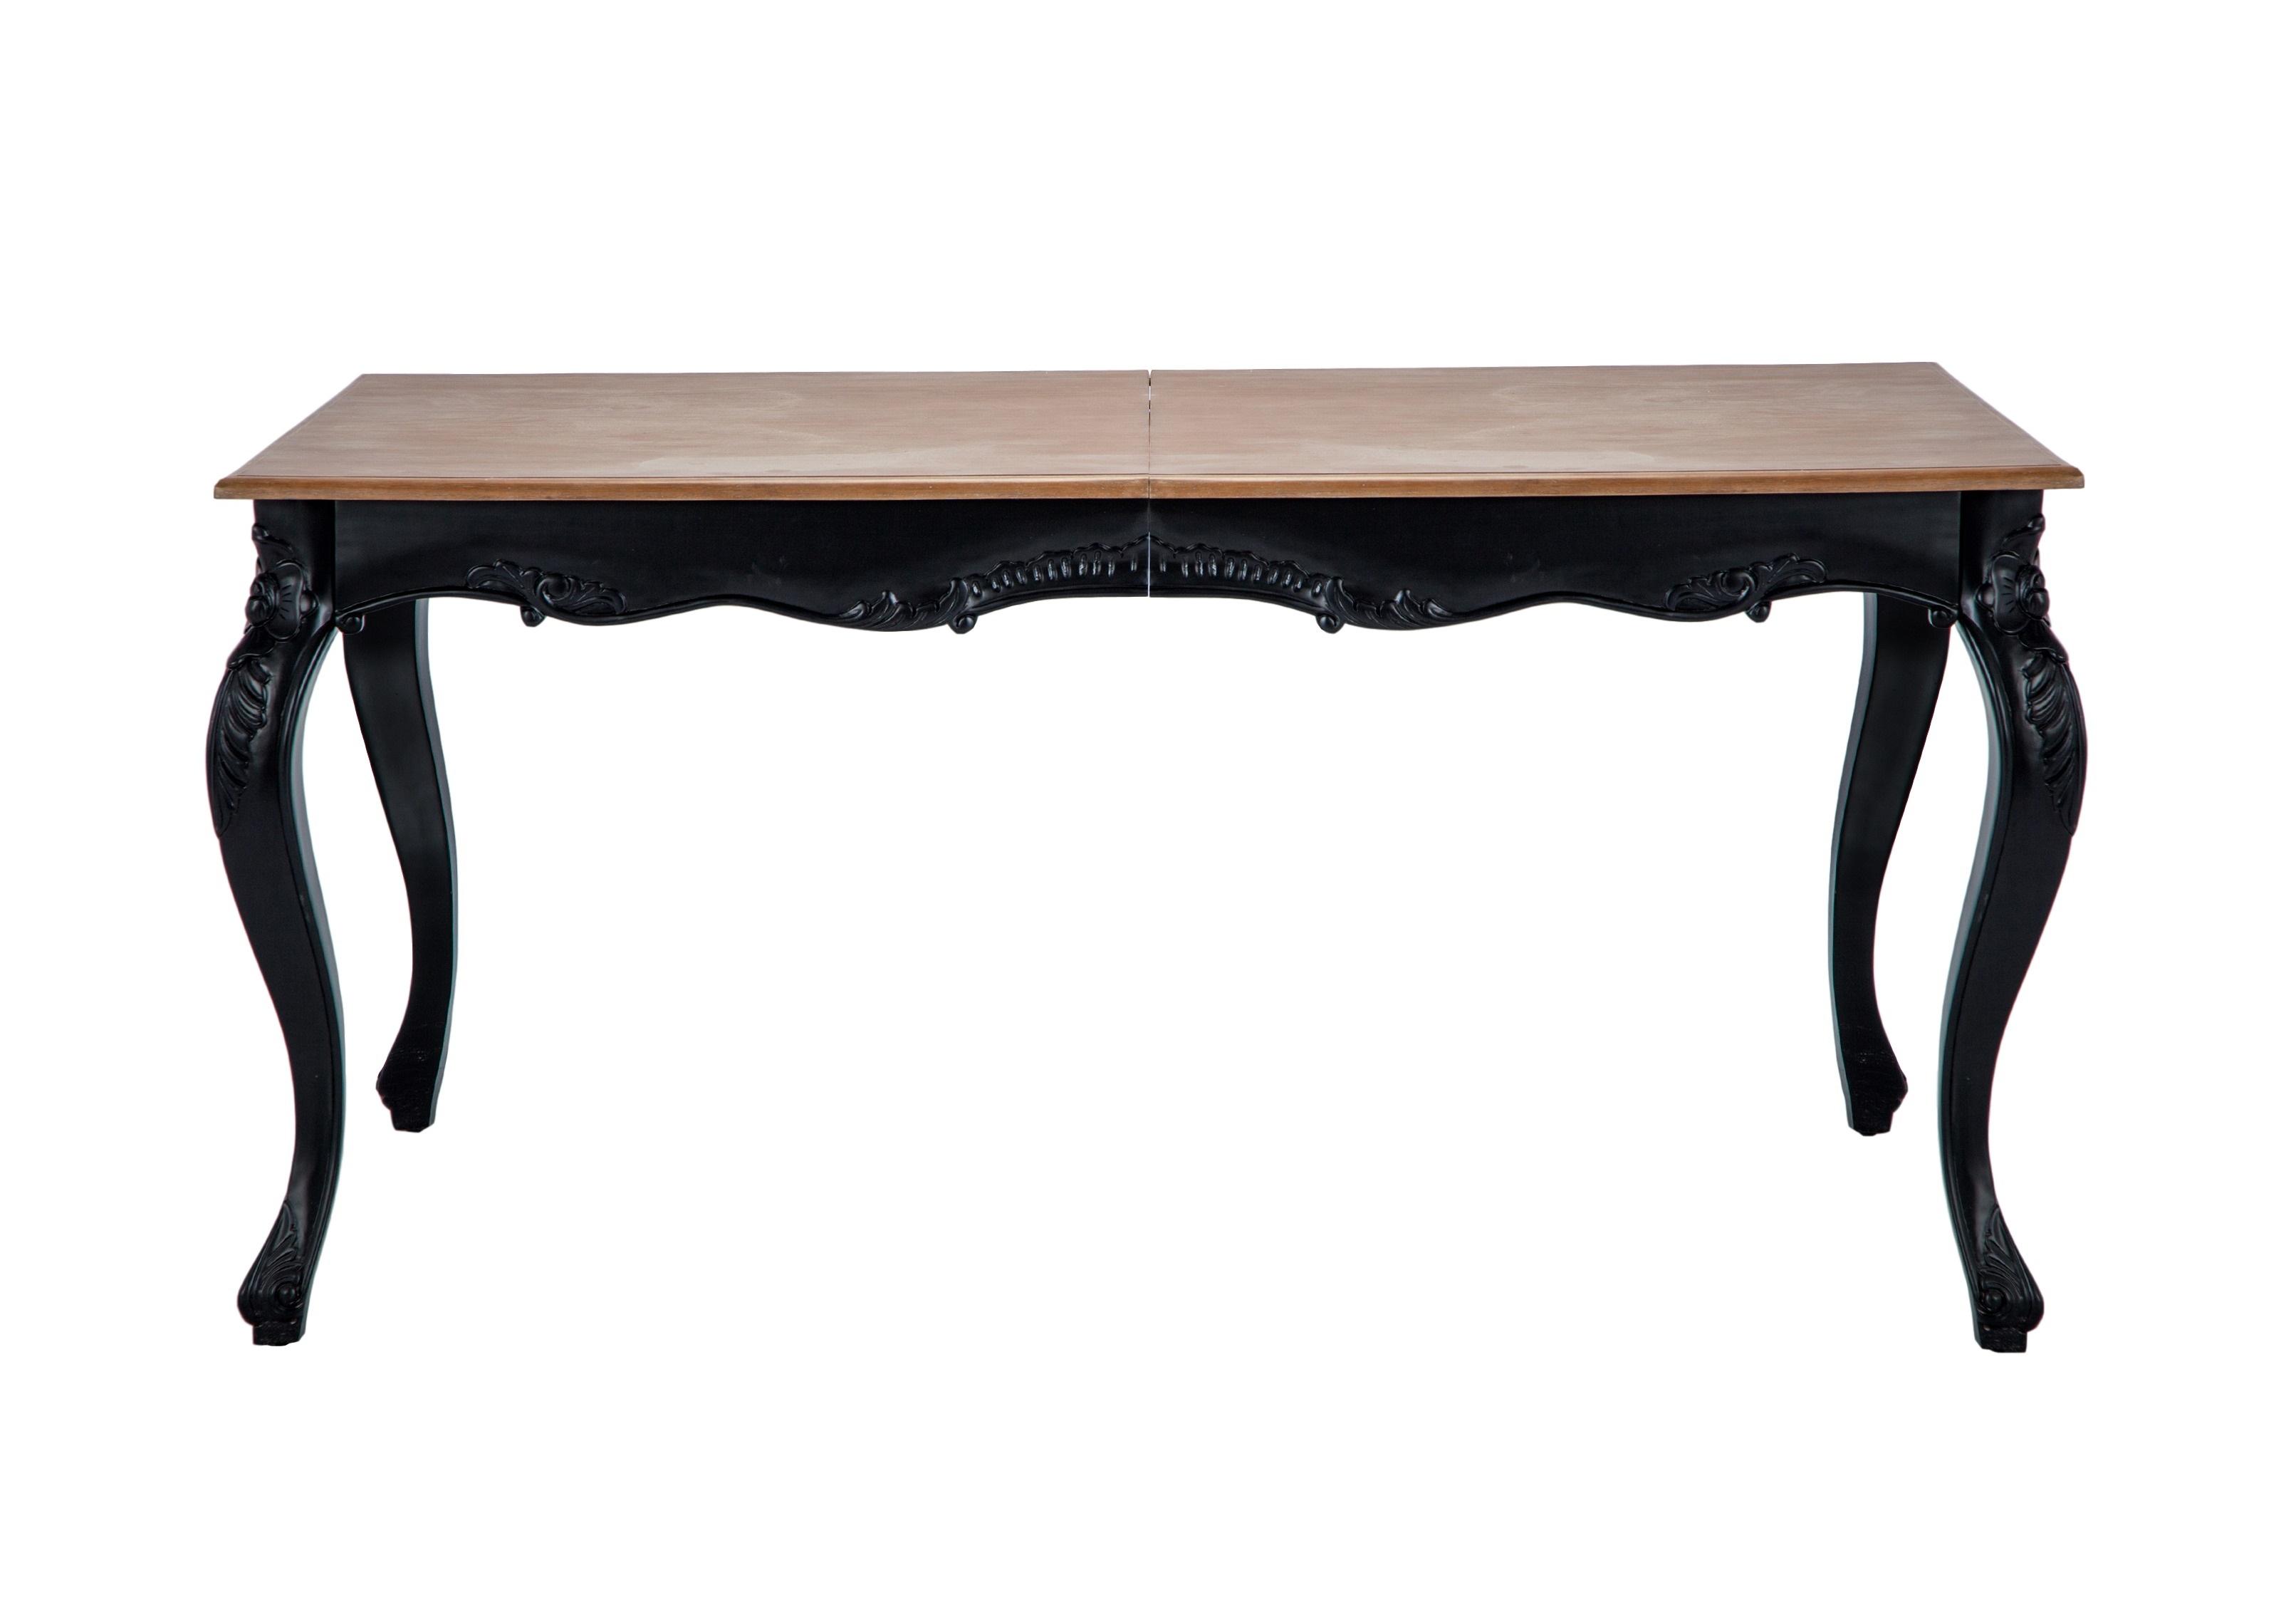 Стол обеденный ЛуиОбеденные столы<br>Стол обеденный прямоугольный раздвижной из дерева махагони, украшен резьбой ручной работы. Столешница декорирована шпоном дерева минди.<br><br>Material: Красное дерево<br>Ширина см: 163<br>Высота см: 80<br>Глубина см: 113